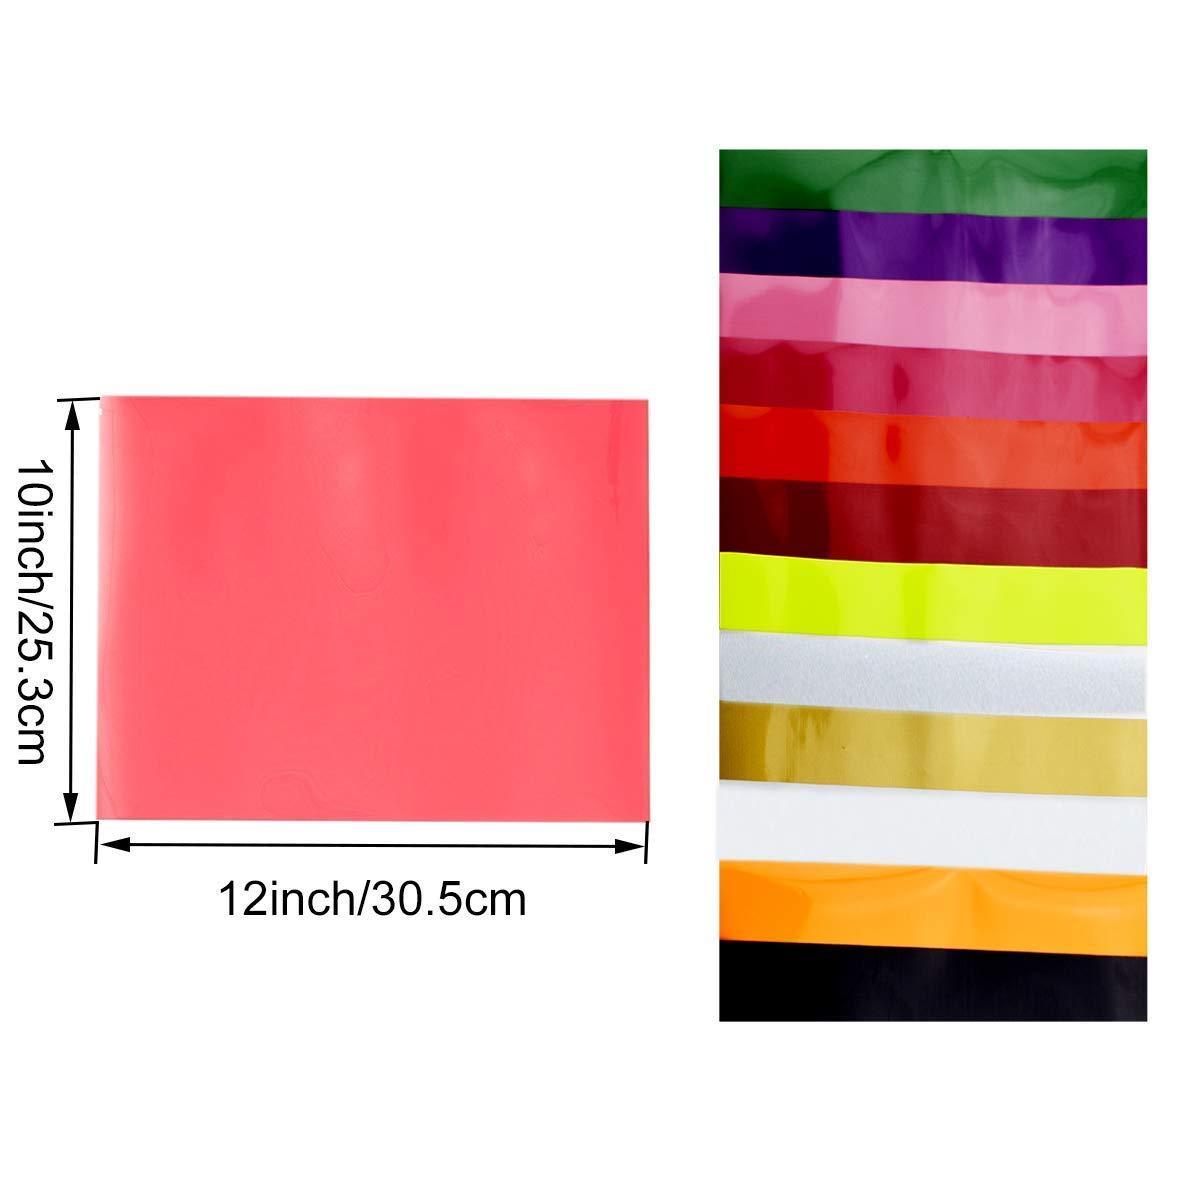 Vinilo de transferencia de calor para tela de camisetas - 16 hojas de colores surtidos - Hierro en HTV Kit de inicio de color vinilo para Cricut y Silhouette Cameo, 30x25cm: Amazon.es: Hogar